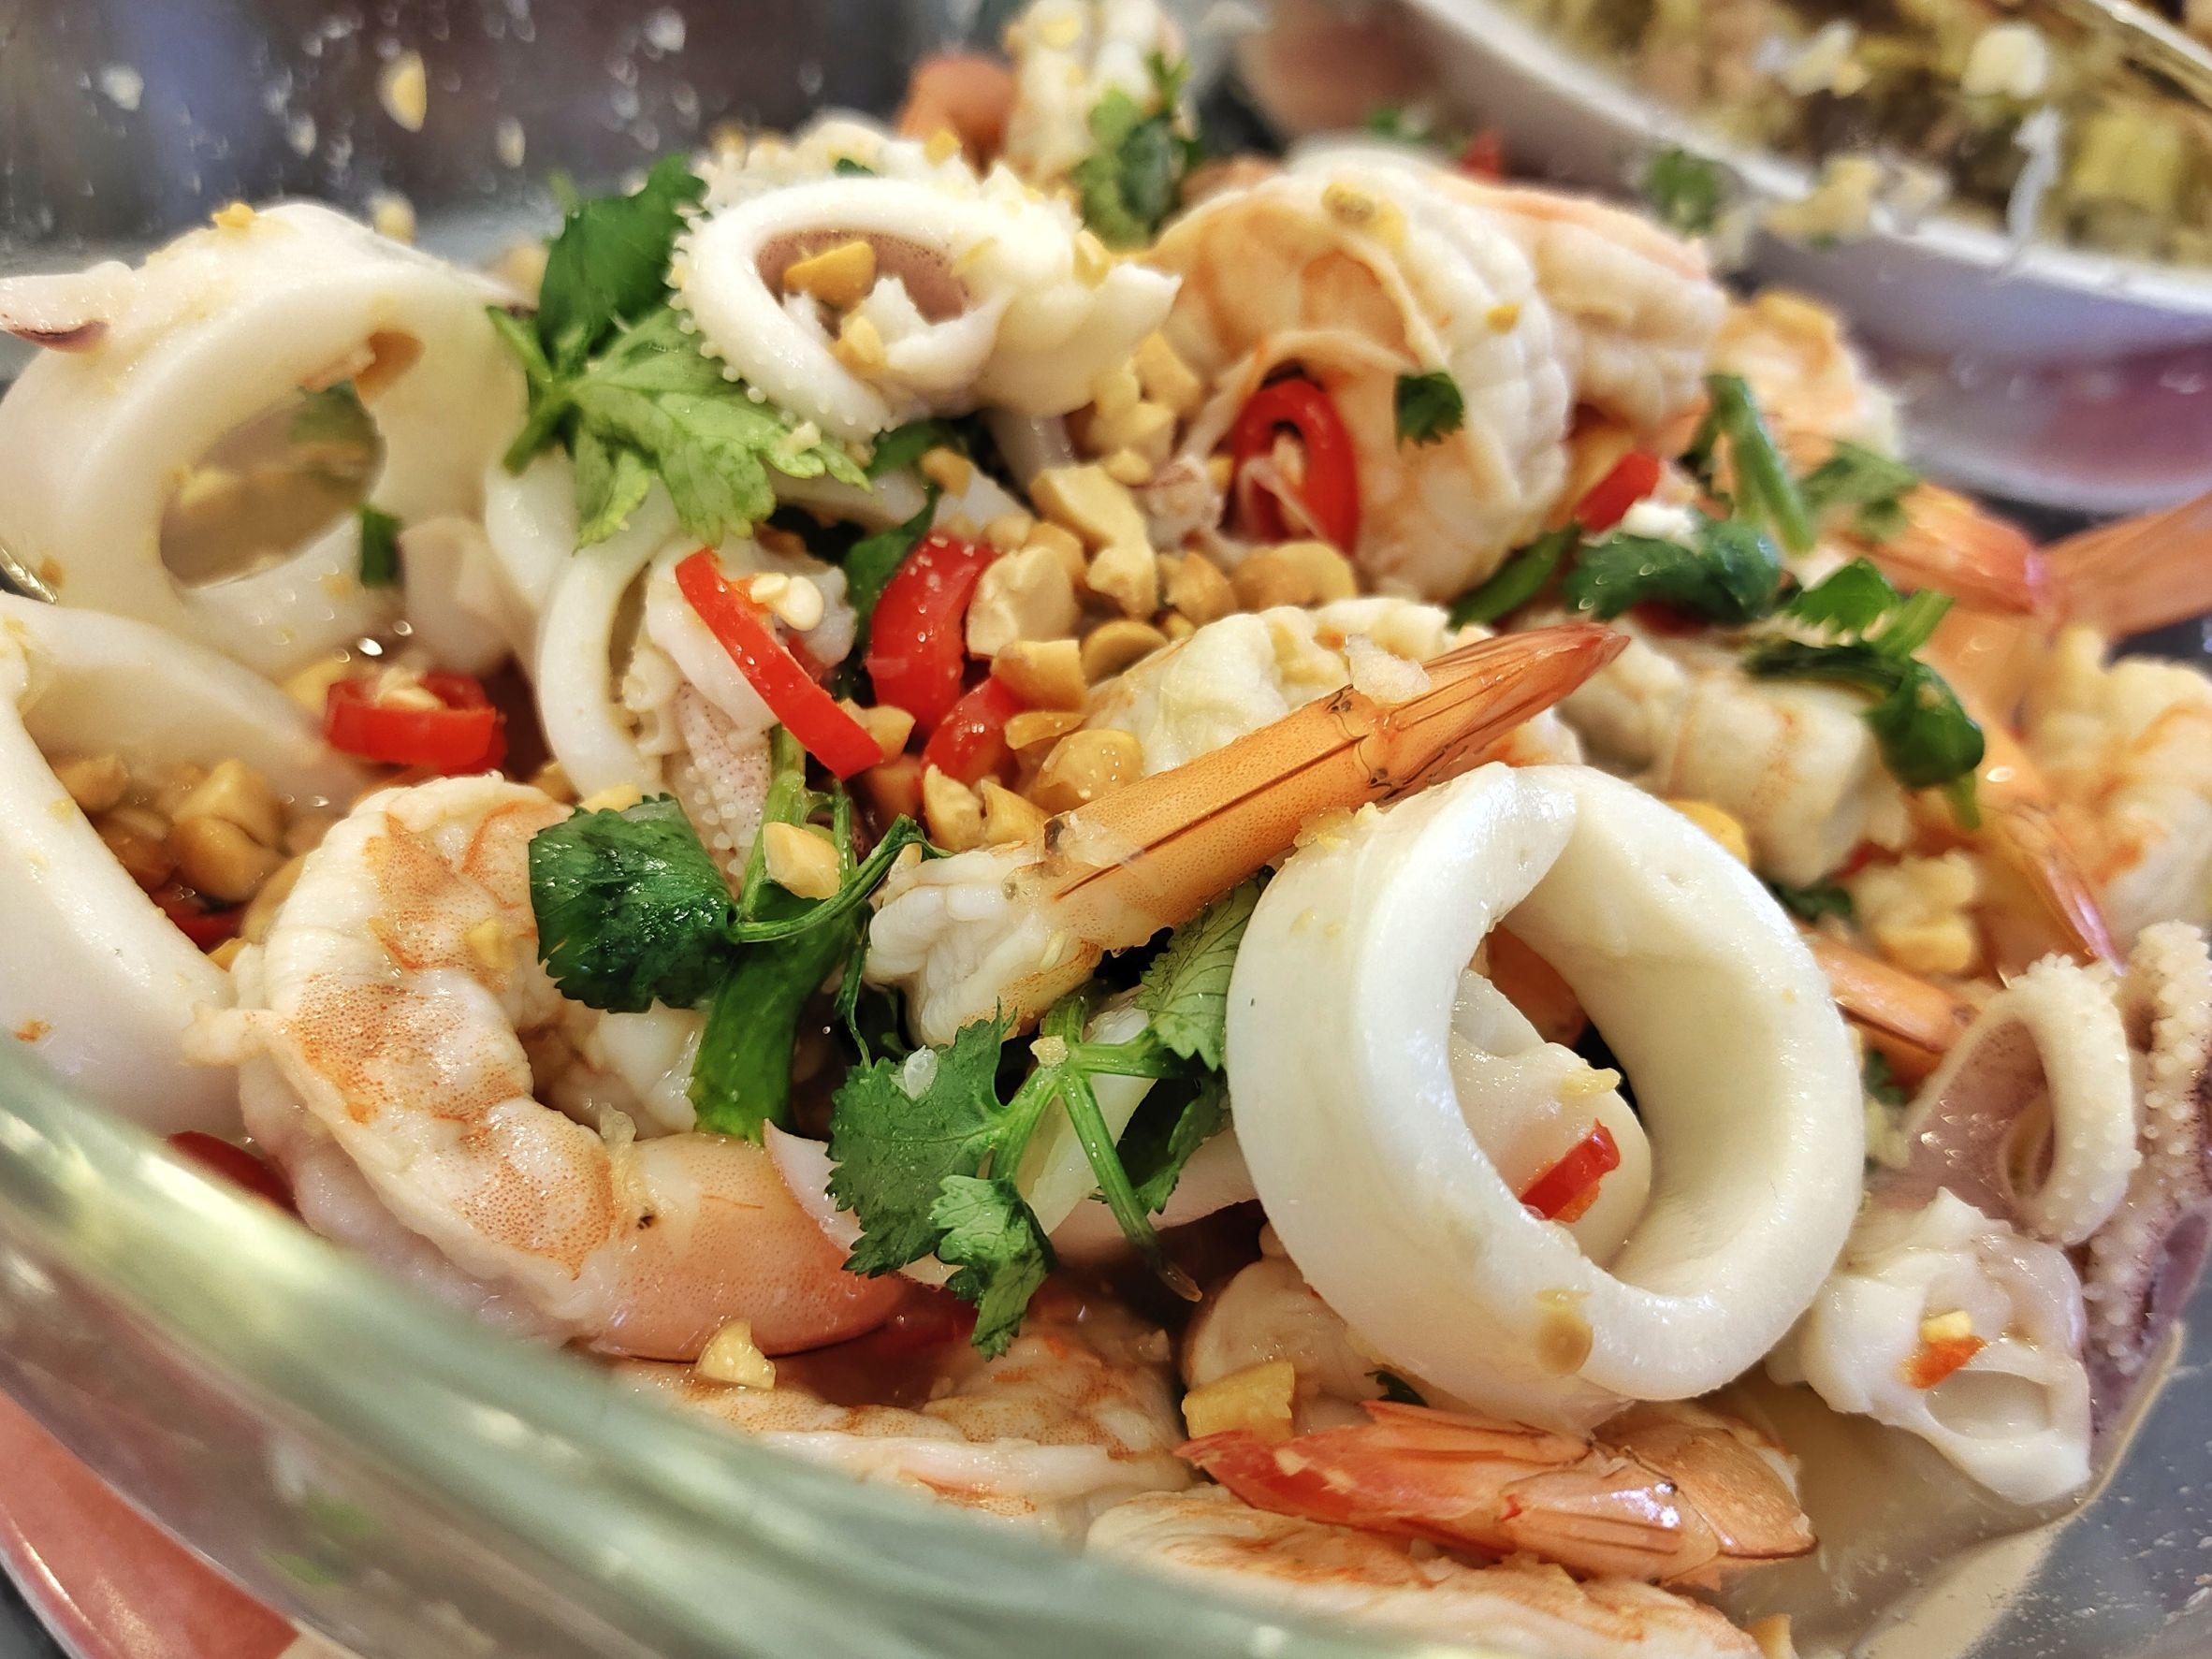 宅在家玩異國好料理,輕鬆享受僞出國的樂趣!